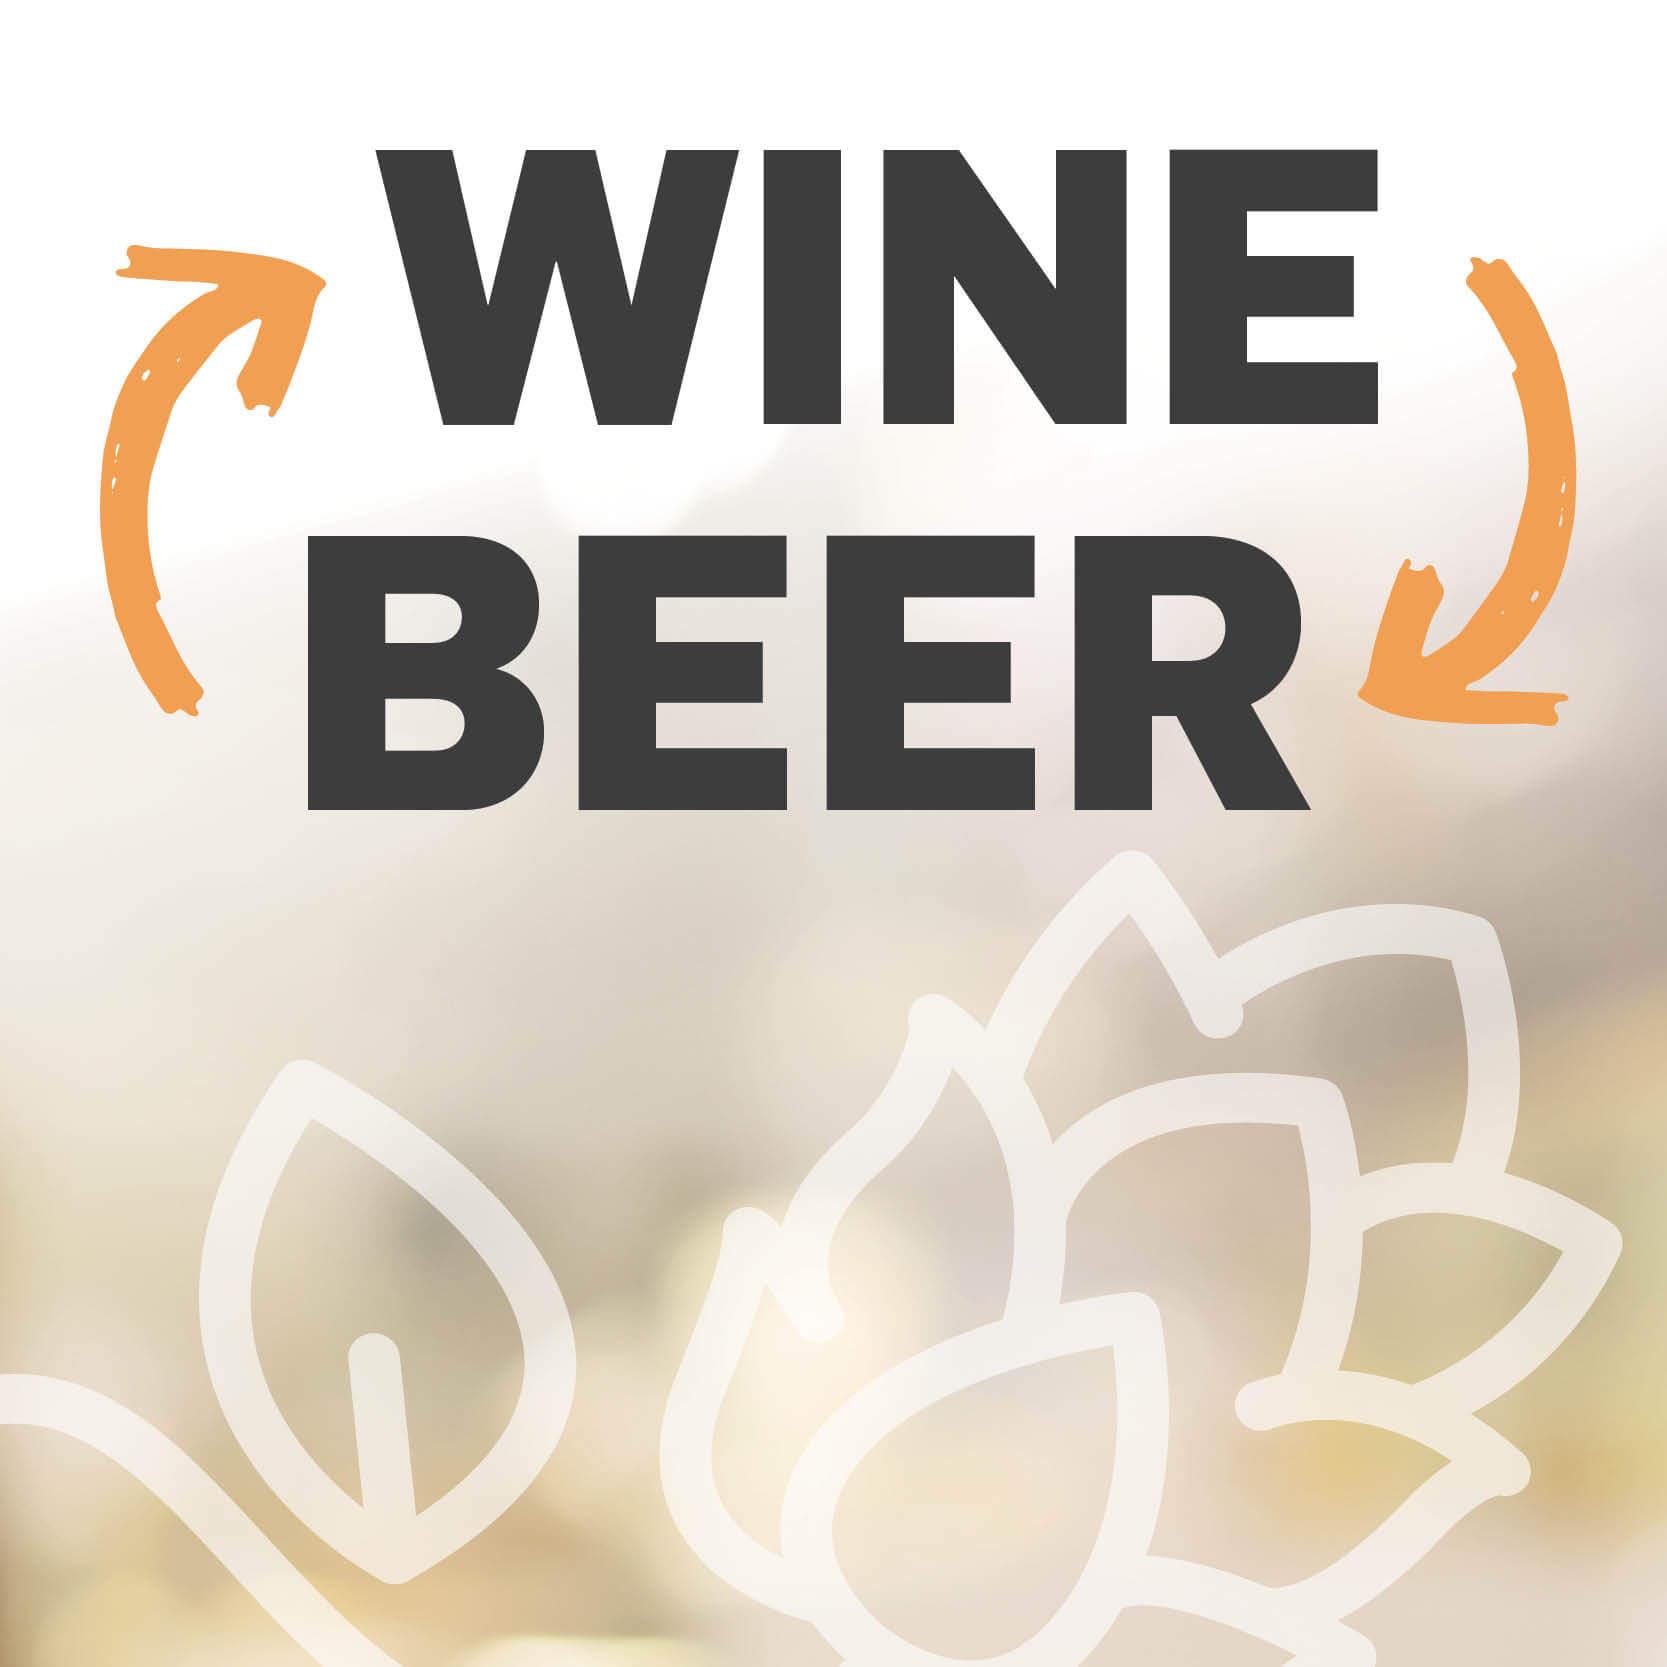 wine-for-beer-content-en